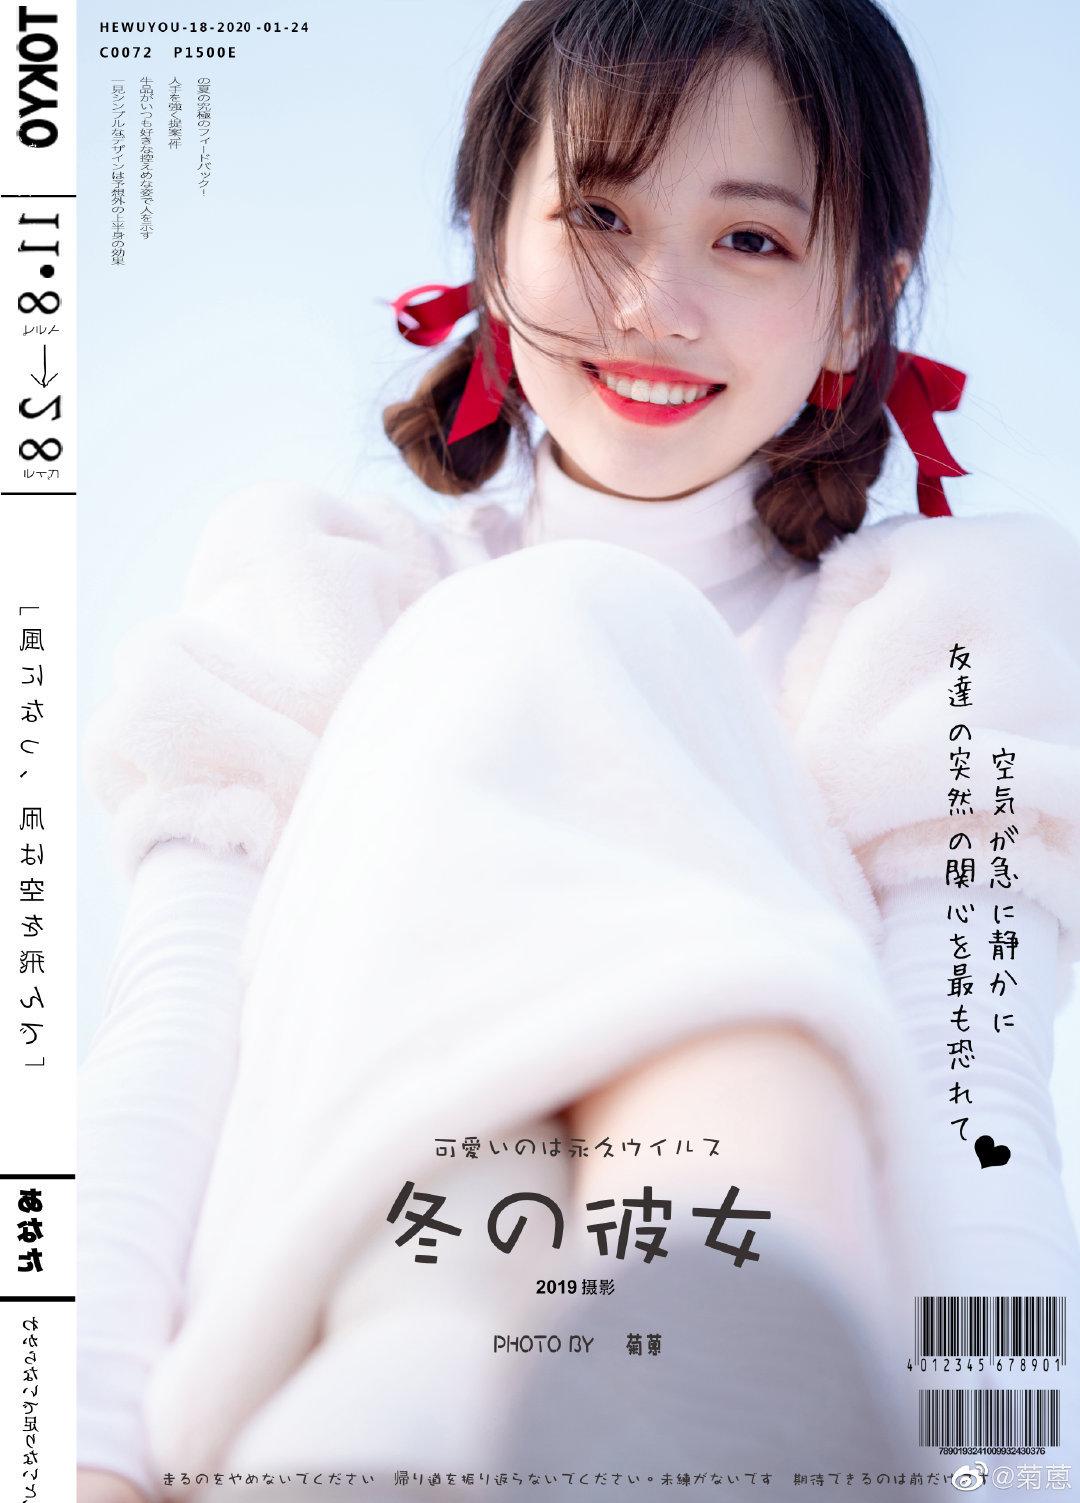 《冬日女友》|写真集摄影@菊蒽 出镜@崽仔叻-